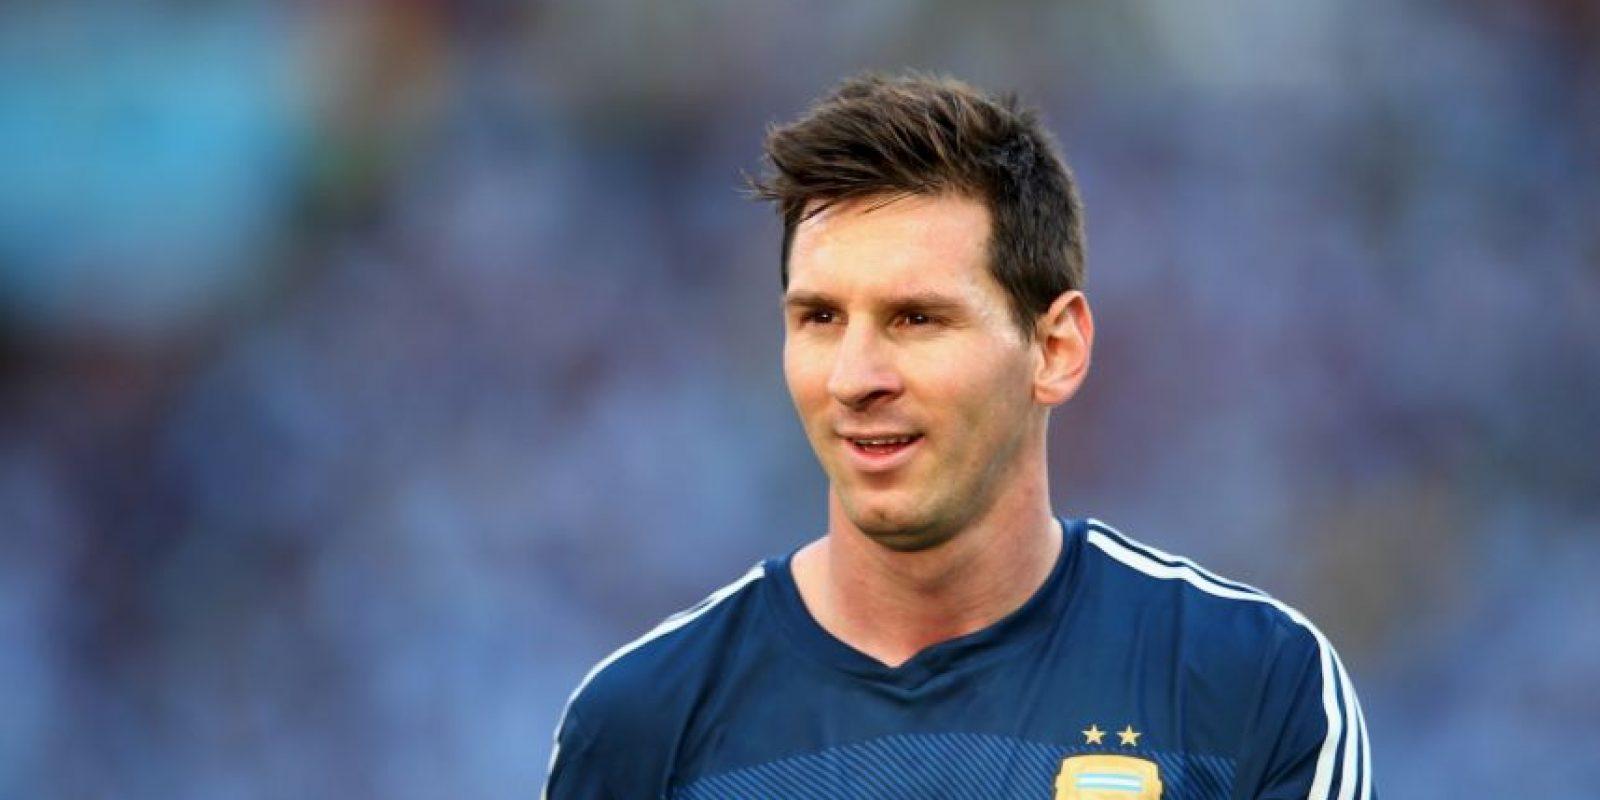 """Y Luis Segura, presidente de la AFA, también defendió a la """"Pulga"""": """"No entiendo a la gente que cuestiona y discute a Messi, es una injusticia absoluta. Puedo aceptar que algunos comparen a Messi con otro jugador, es cuestión de gustos, pero jamás que se lo discuta"""" Foto:Getty Images"""